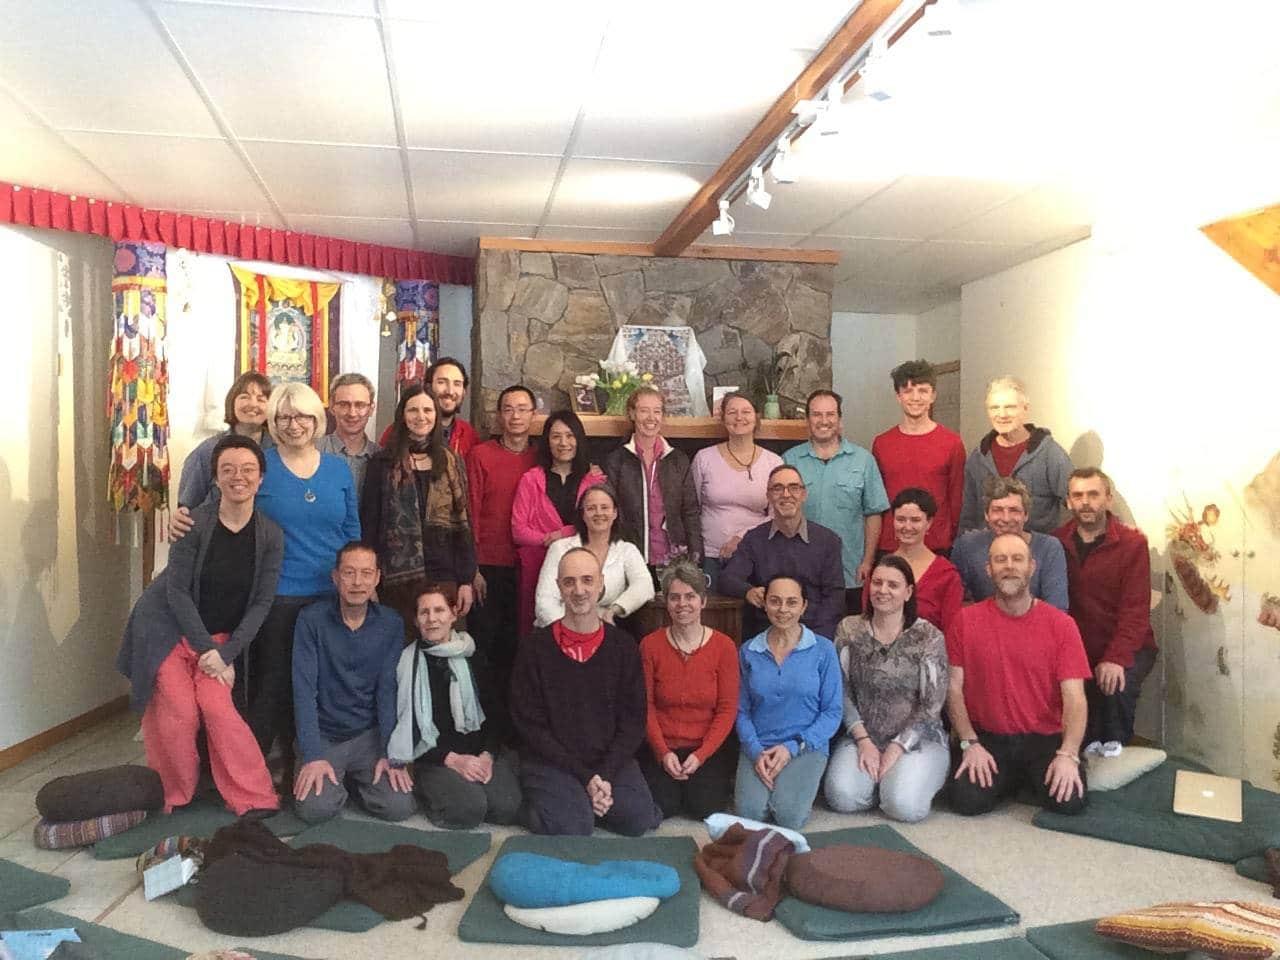 Visuddhimagga meditation retreat